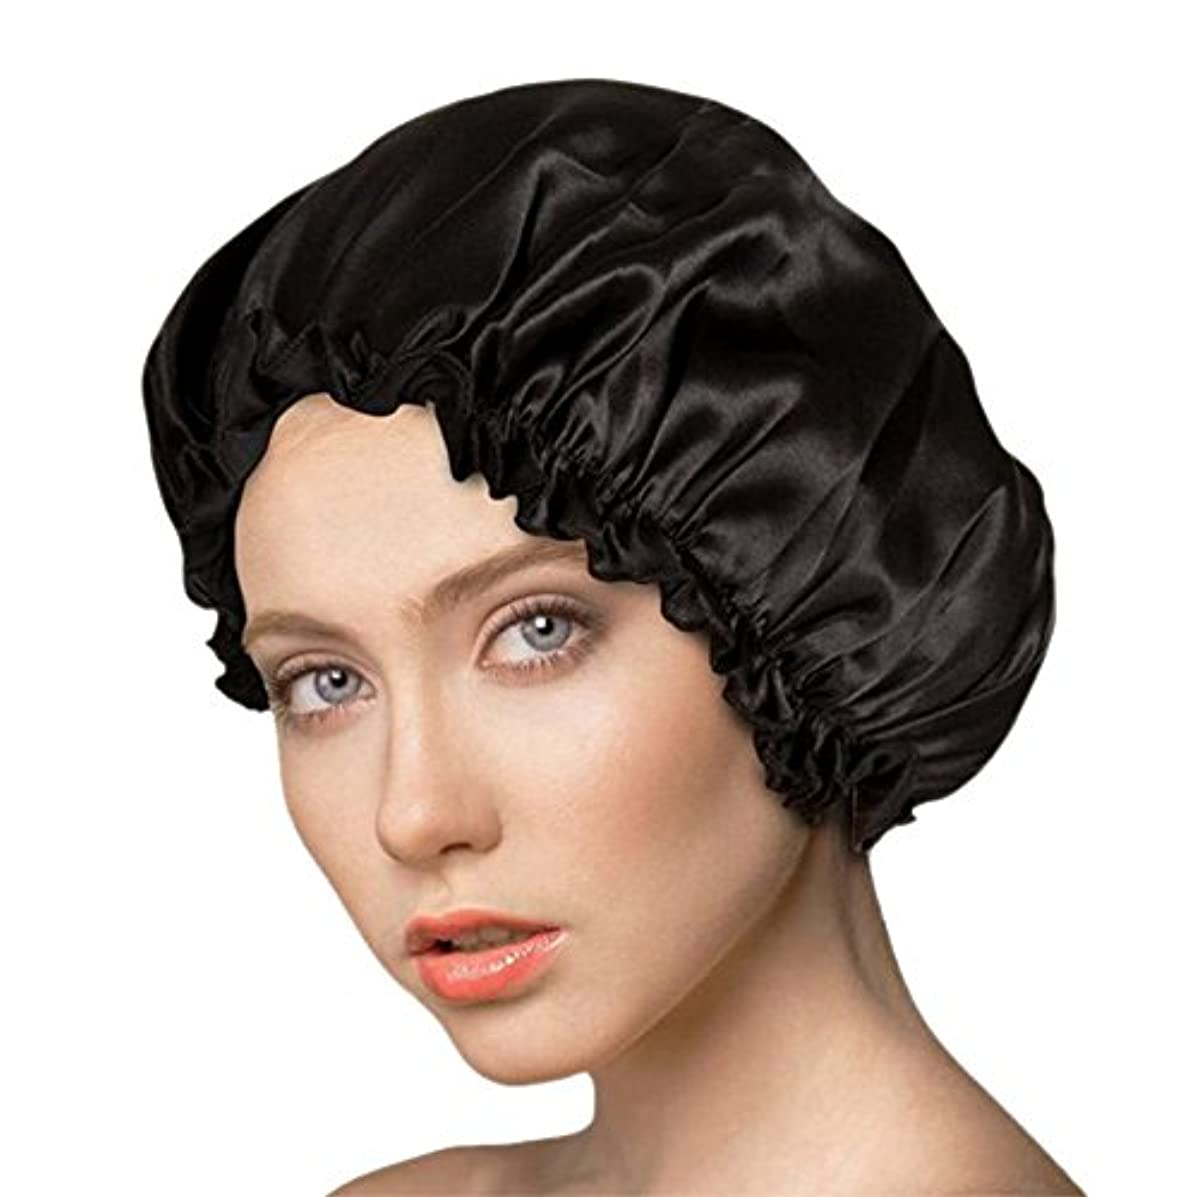 第九滅びるめるアンミダ(ANMIDA)シルク100%ナイトキャップ 天然シルク ナイトキャップ ヘアーキャップ メンズ レディース 美髪 就寝用帽子 室内帽子 通気性抜群